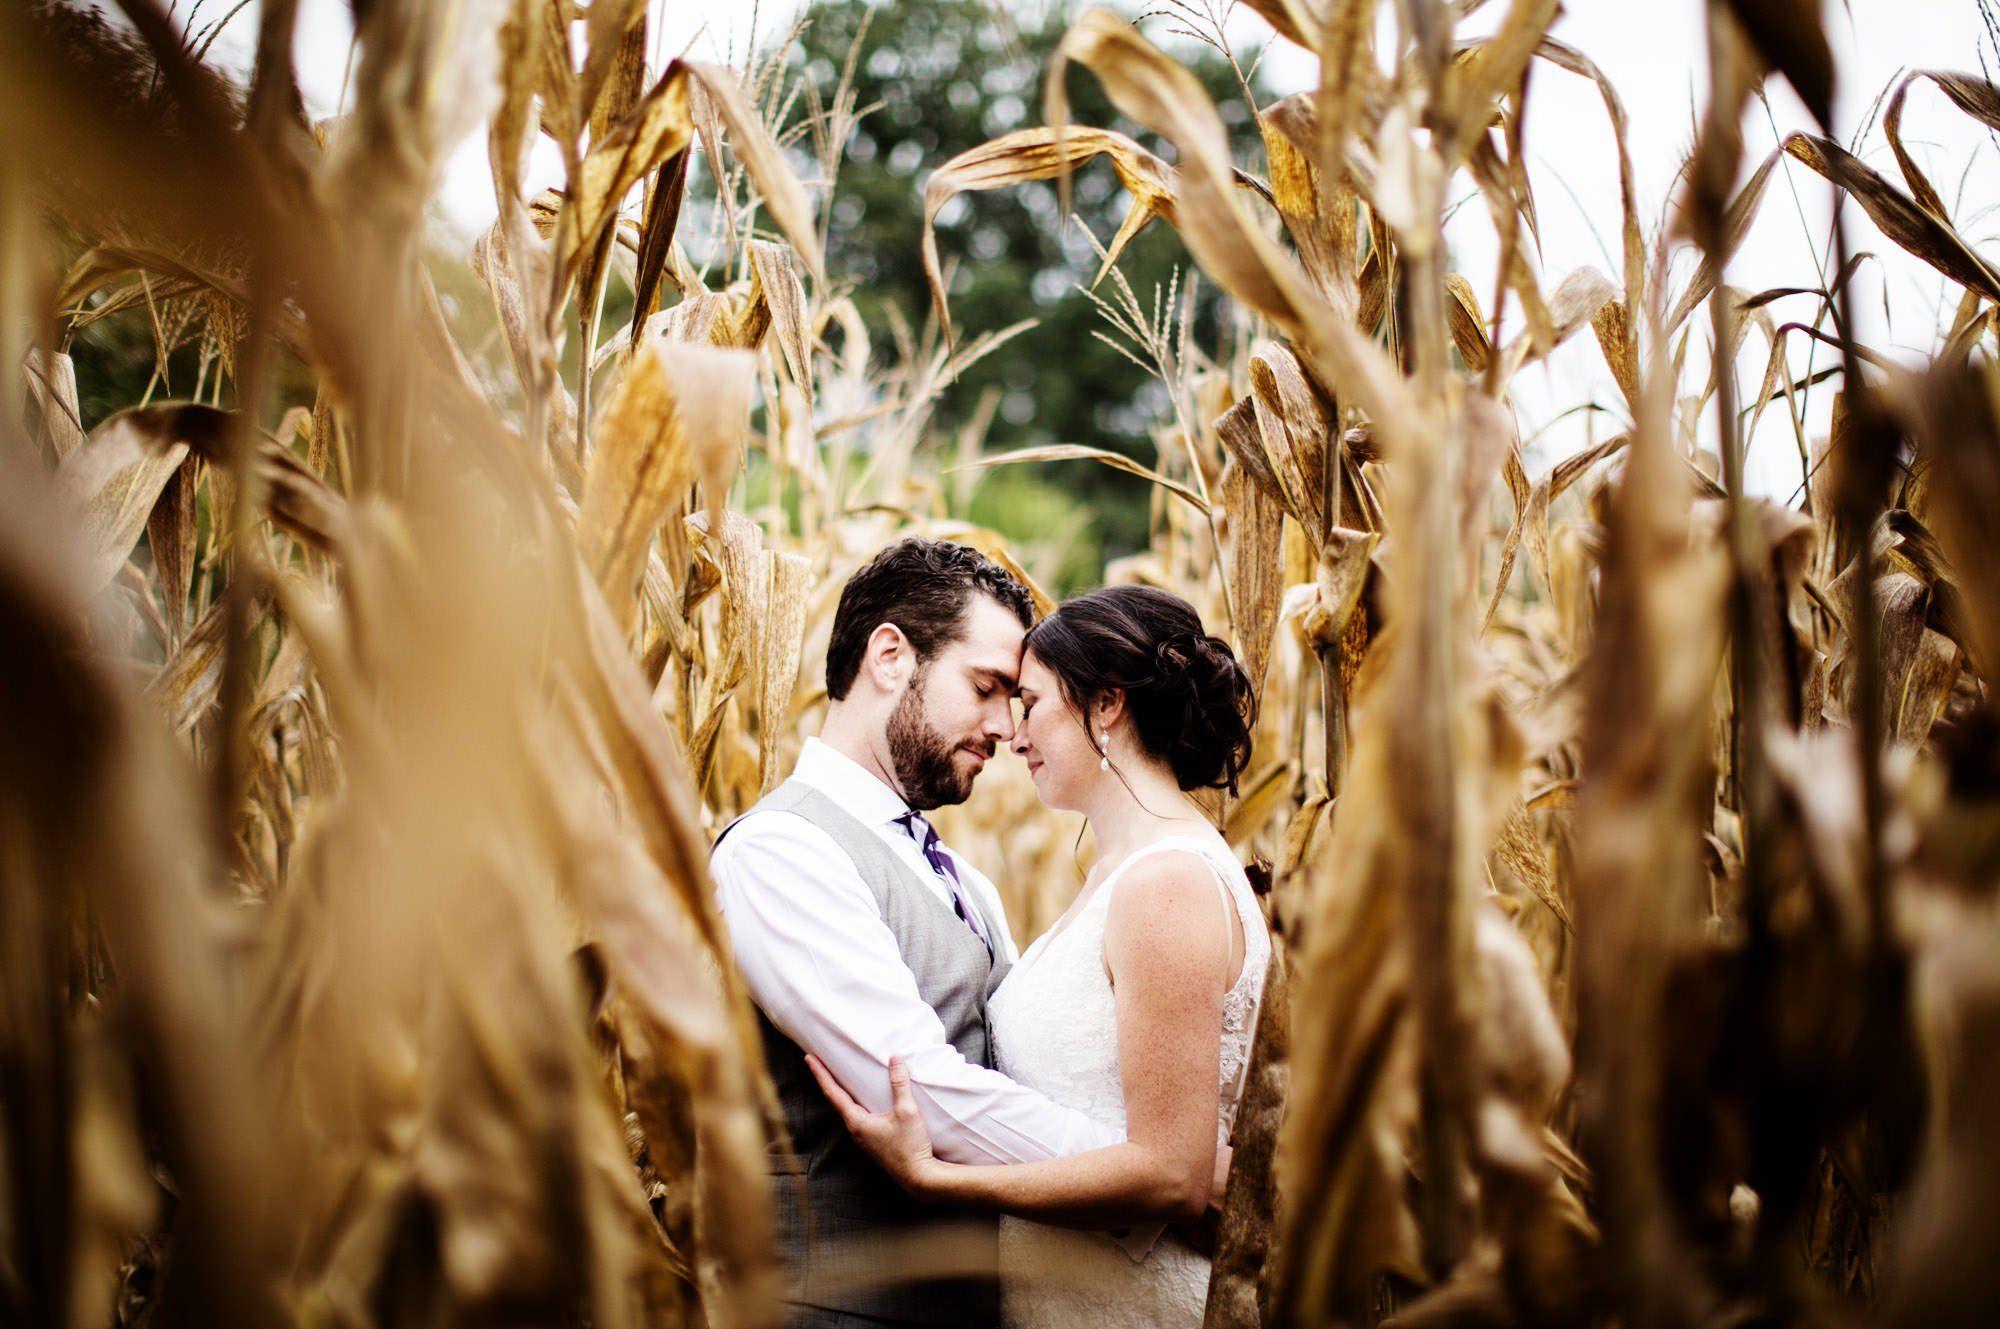 Bohemia Manor Farm Wedding | Farm wedding, Barn wedding ...